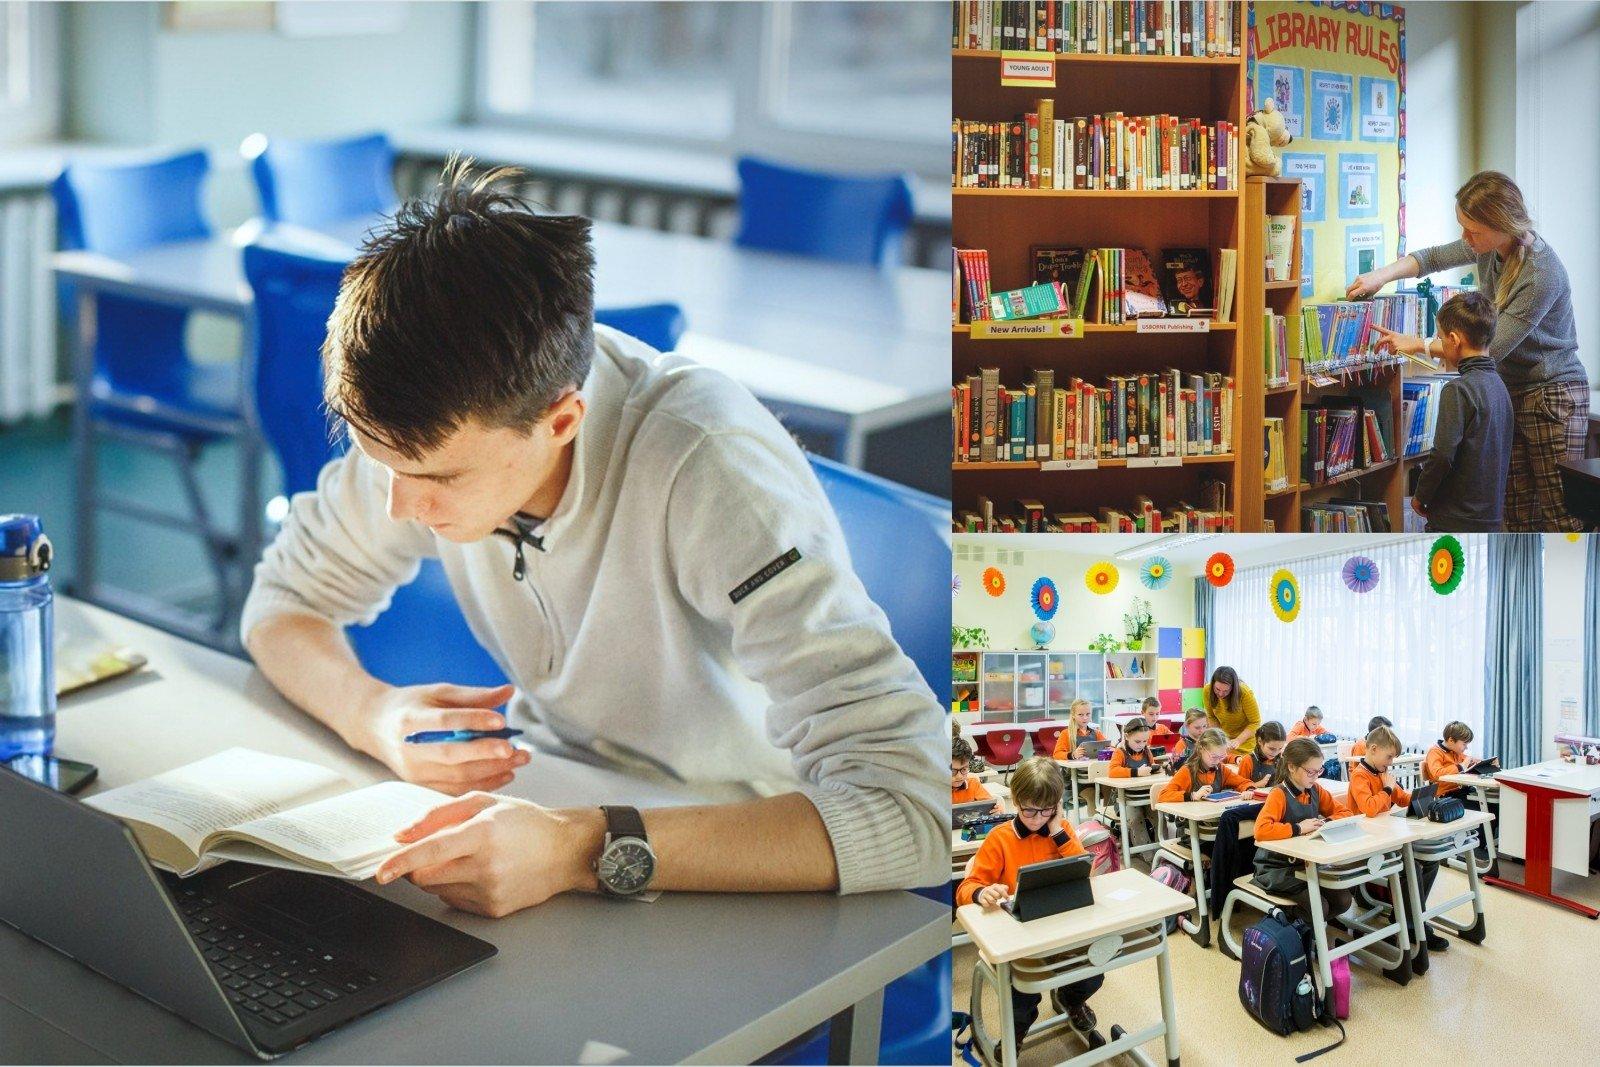 darbo mokyklos studijos uždirba verslą internete